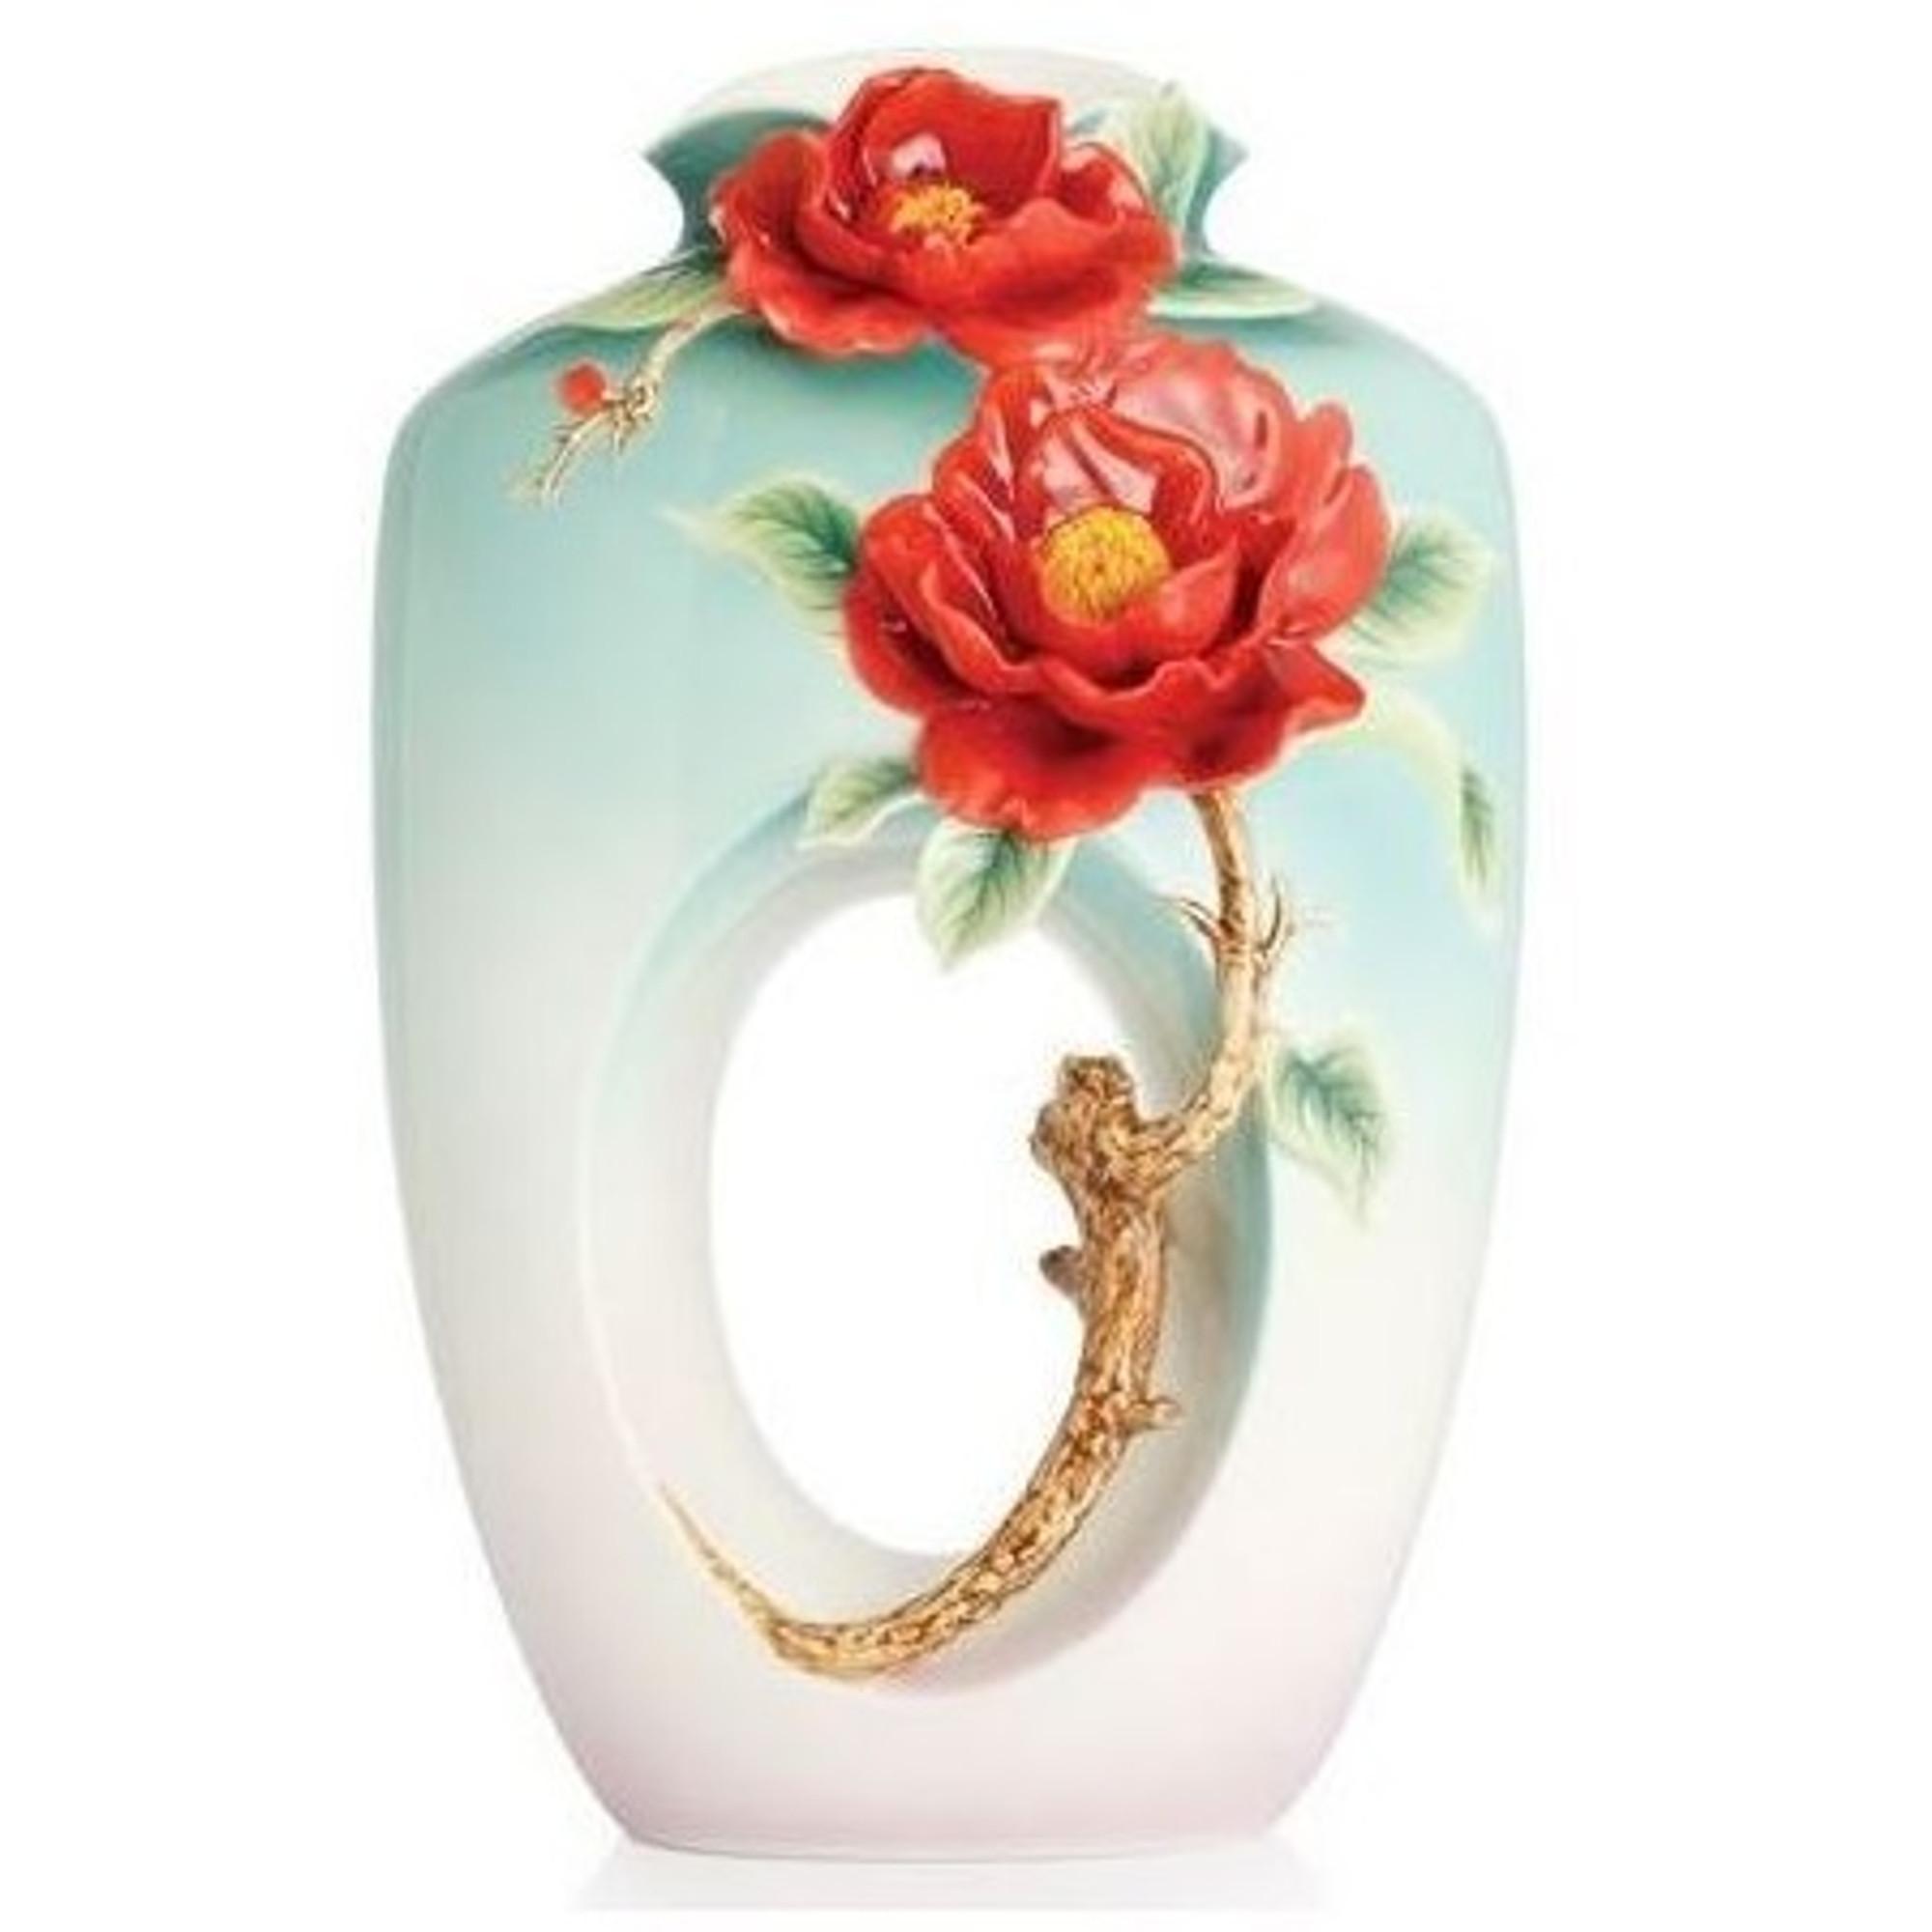 Red Camellia Vase Porcelain Franz Collection